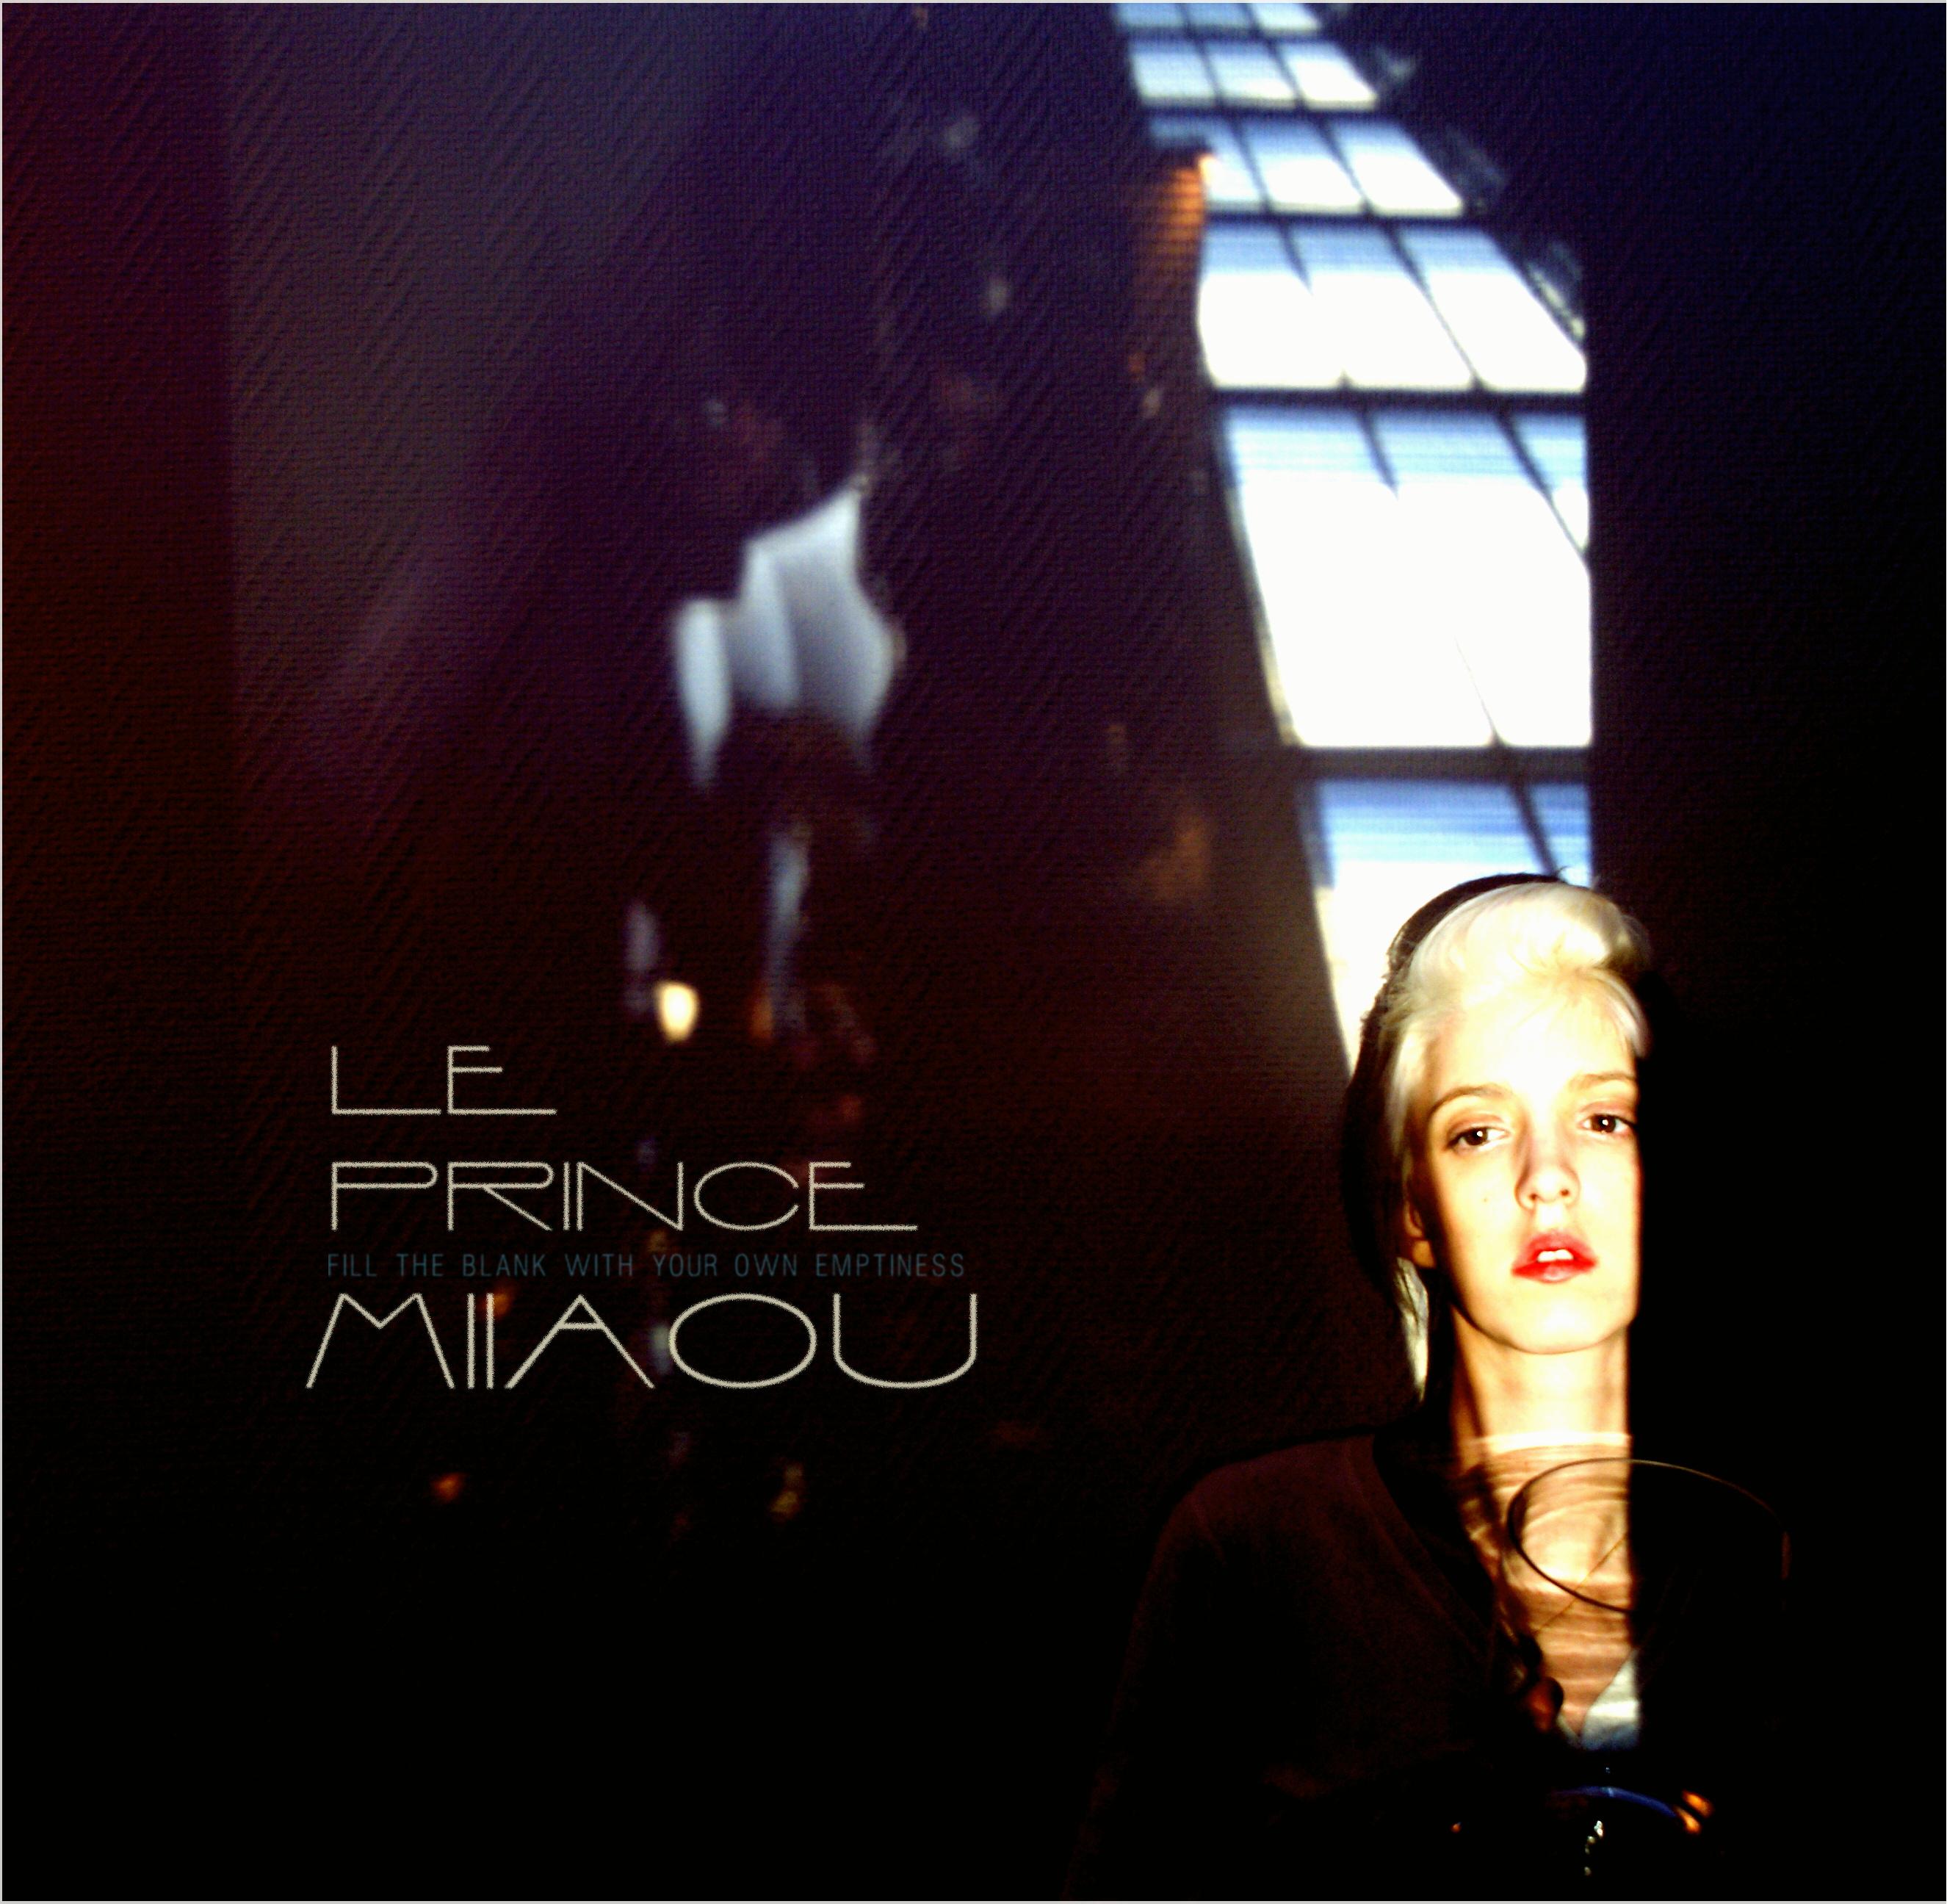 Prince Miiaou